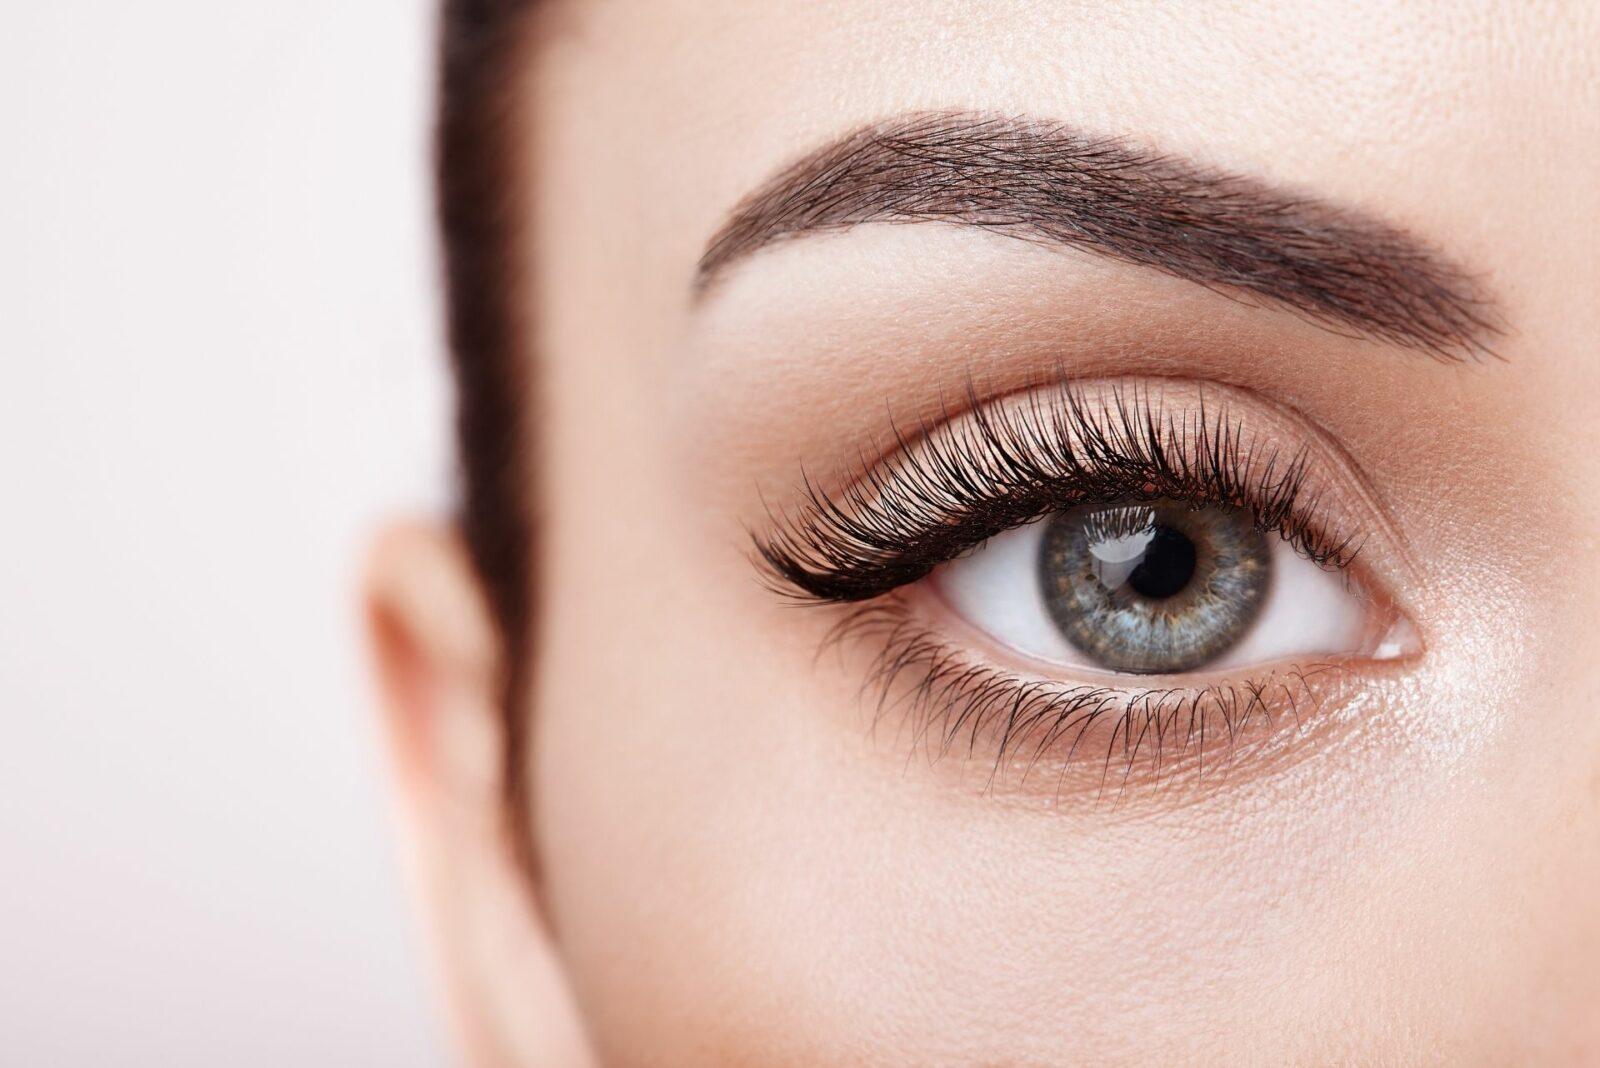 Make-up, maquillage semi-permanent, médecine esthétique : comment mettre en valeur son regard ? - Ô Magazine